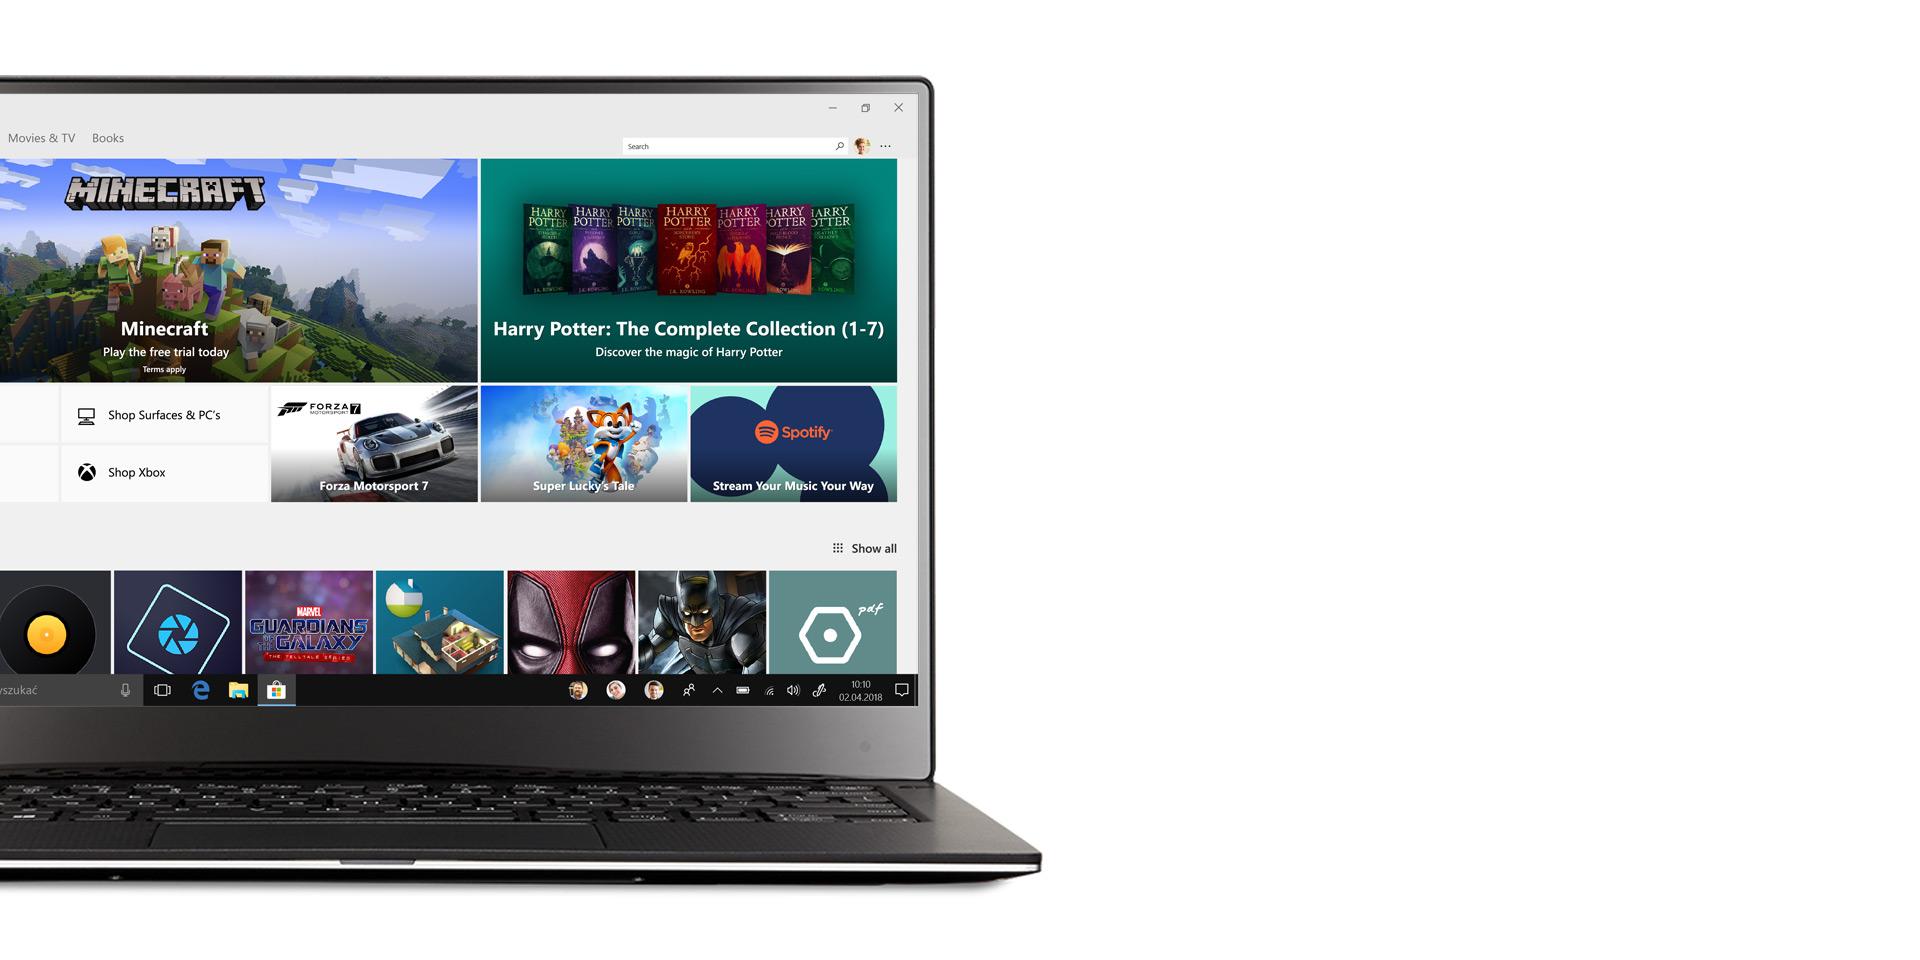 Laptop wyświetlający okno aplikacji Microsoft Store